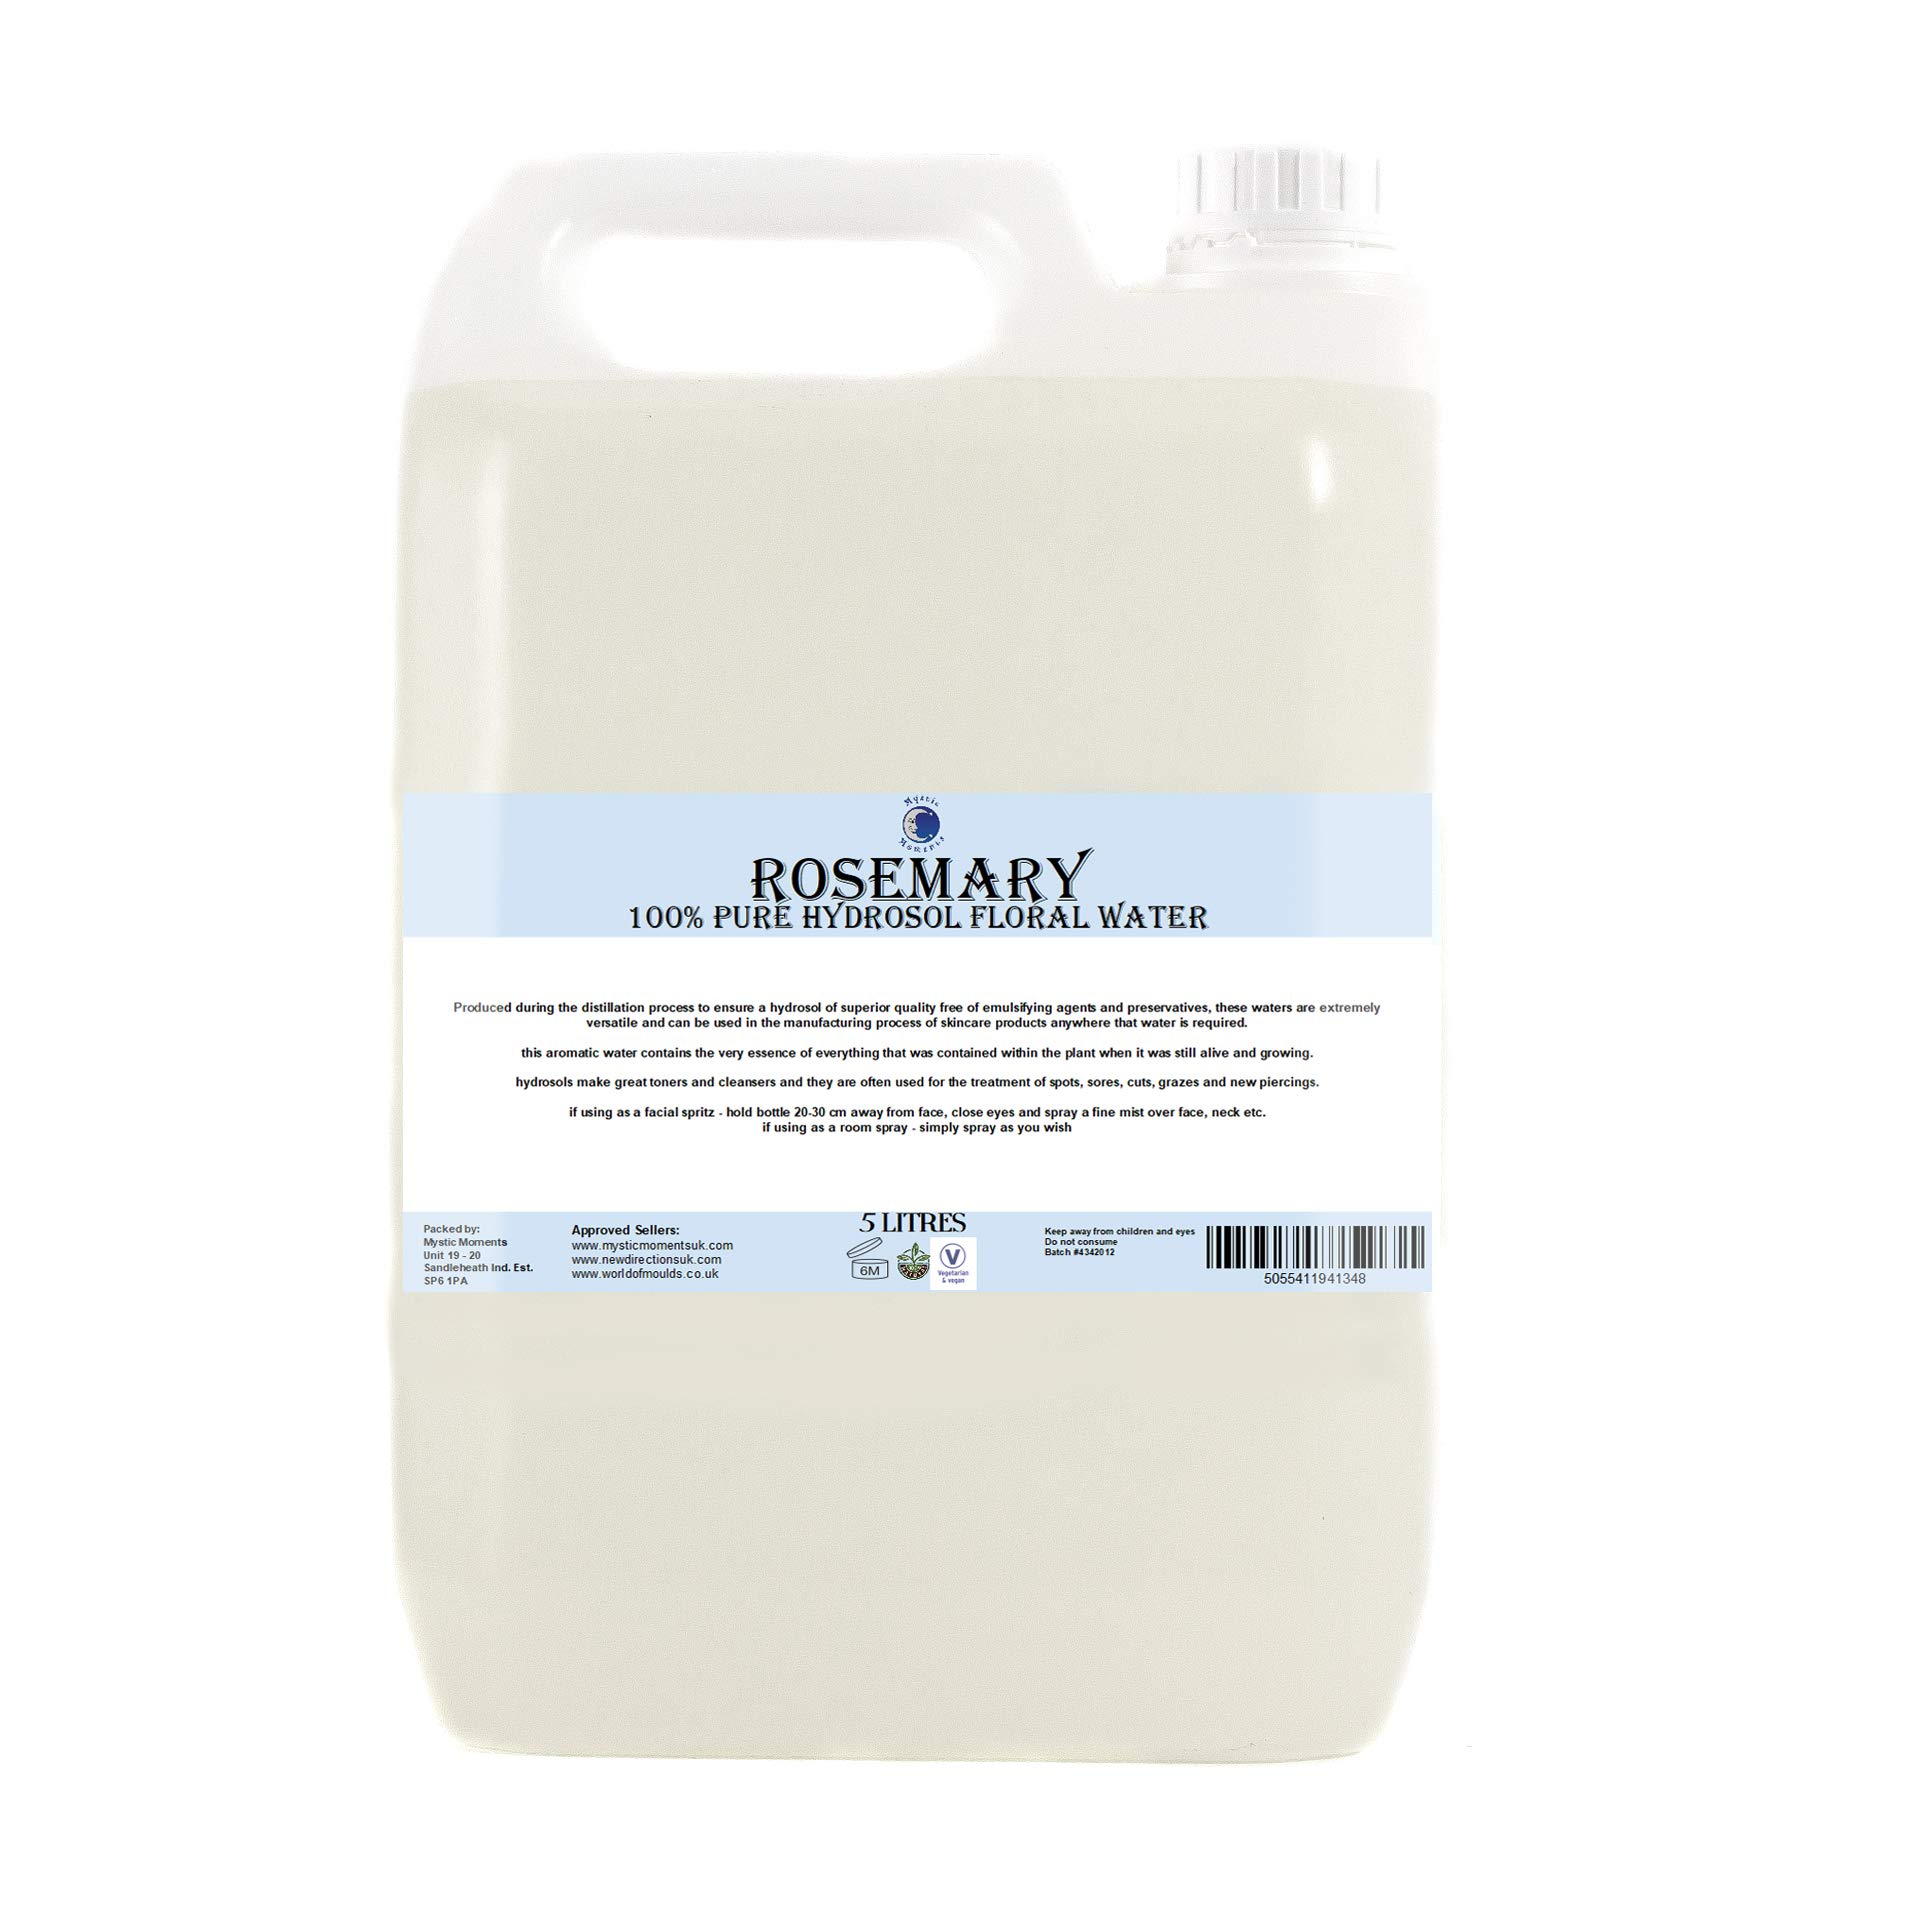 Rosemary Hydrosol Floral Water - 5Kg by BiOrigins (Image #1)